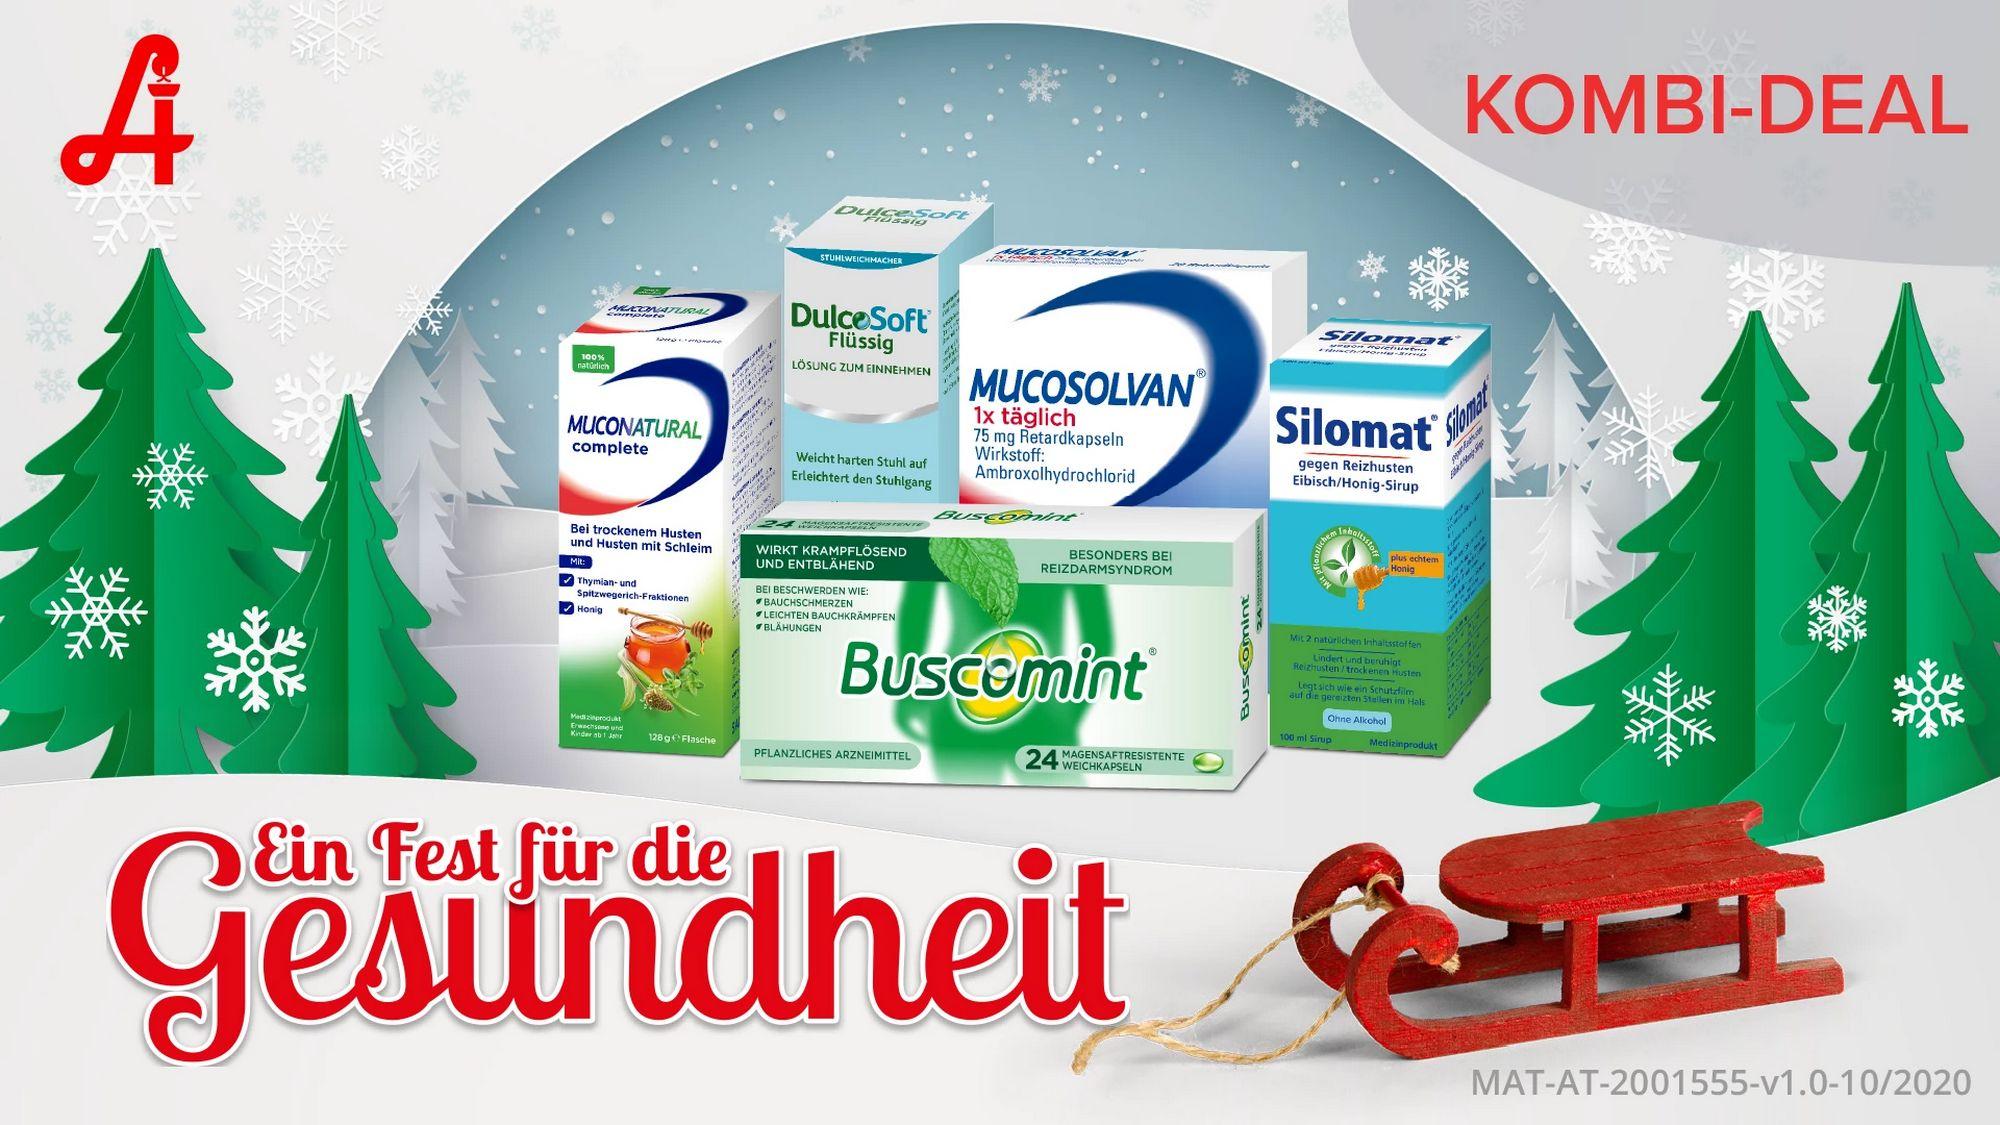 Marktguru - Kombideal Gesundheit 11,- EUR Cashback